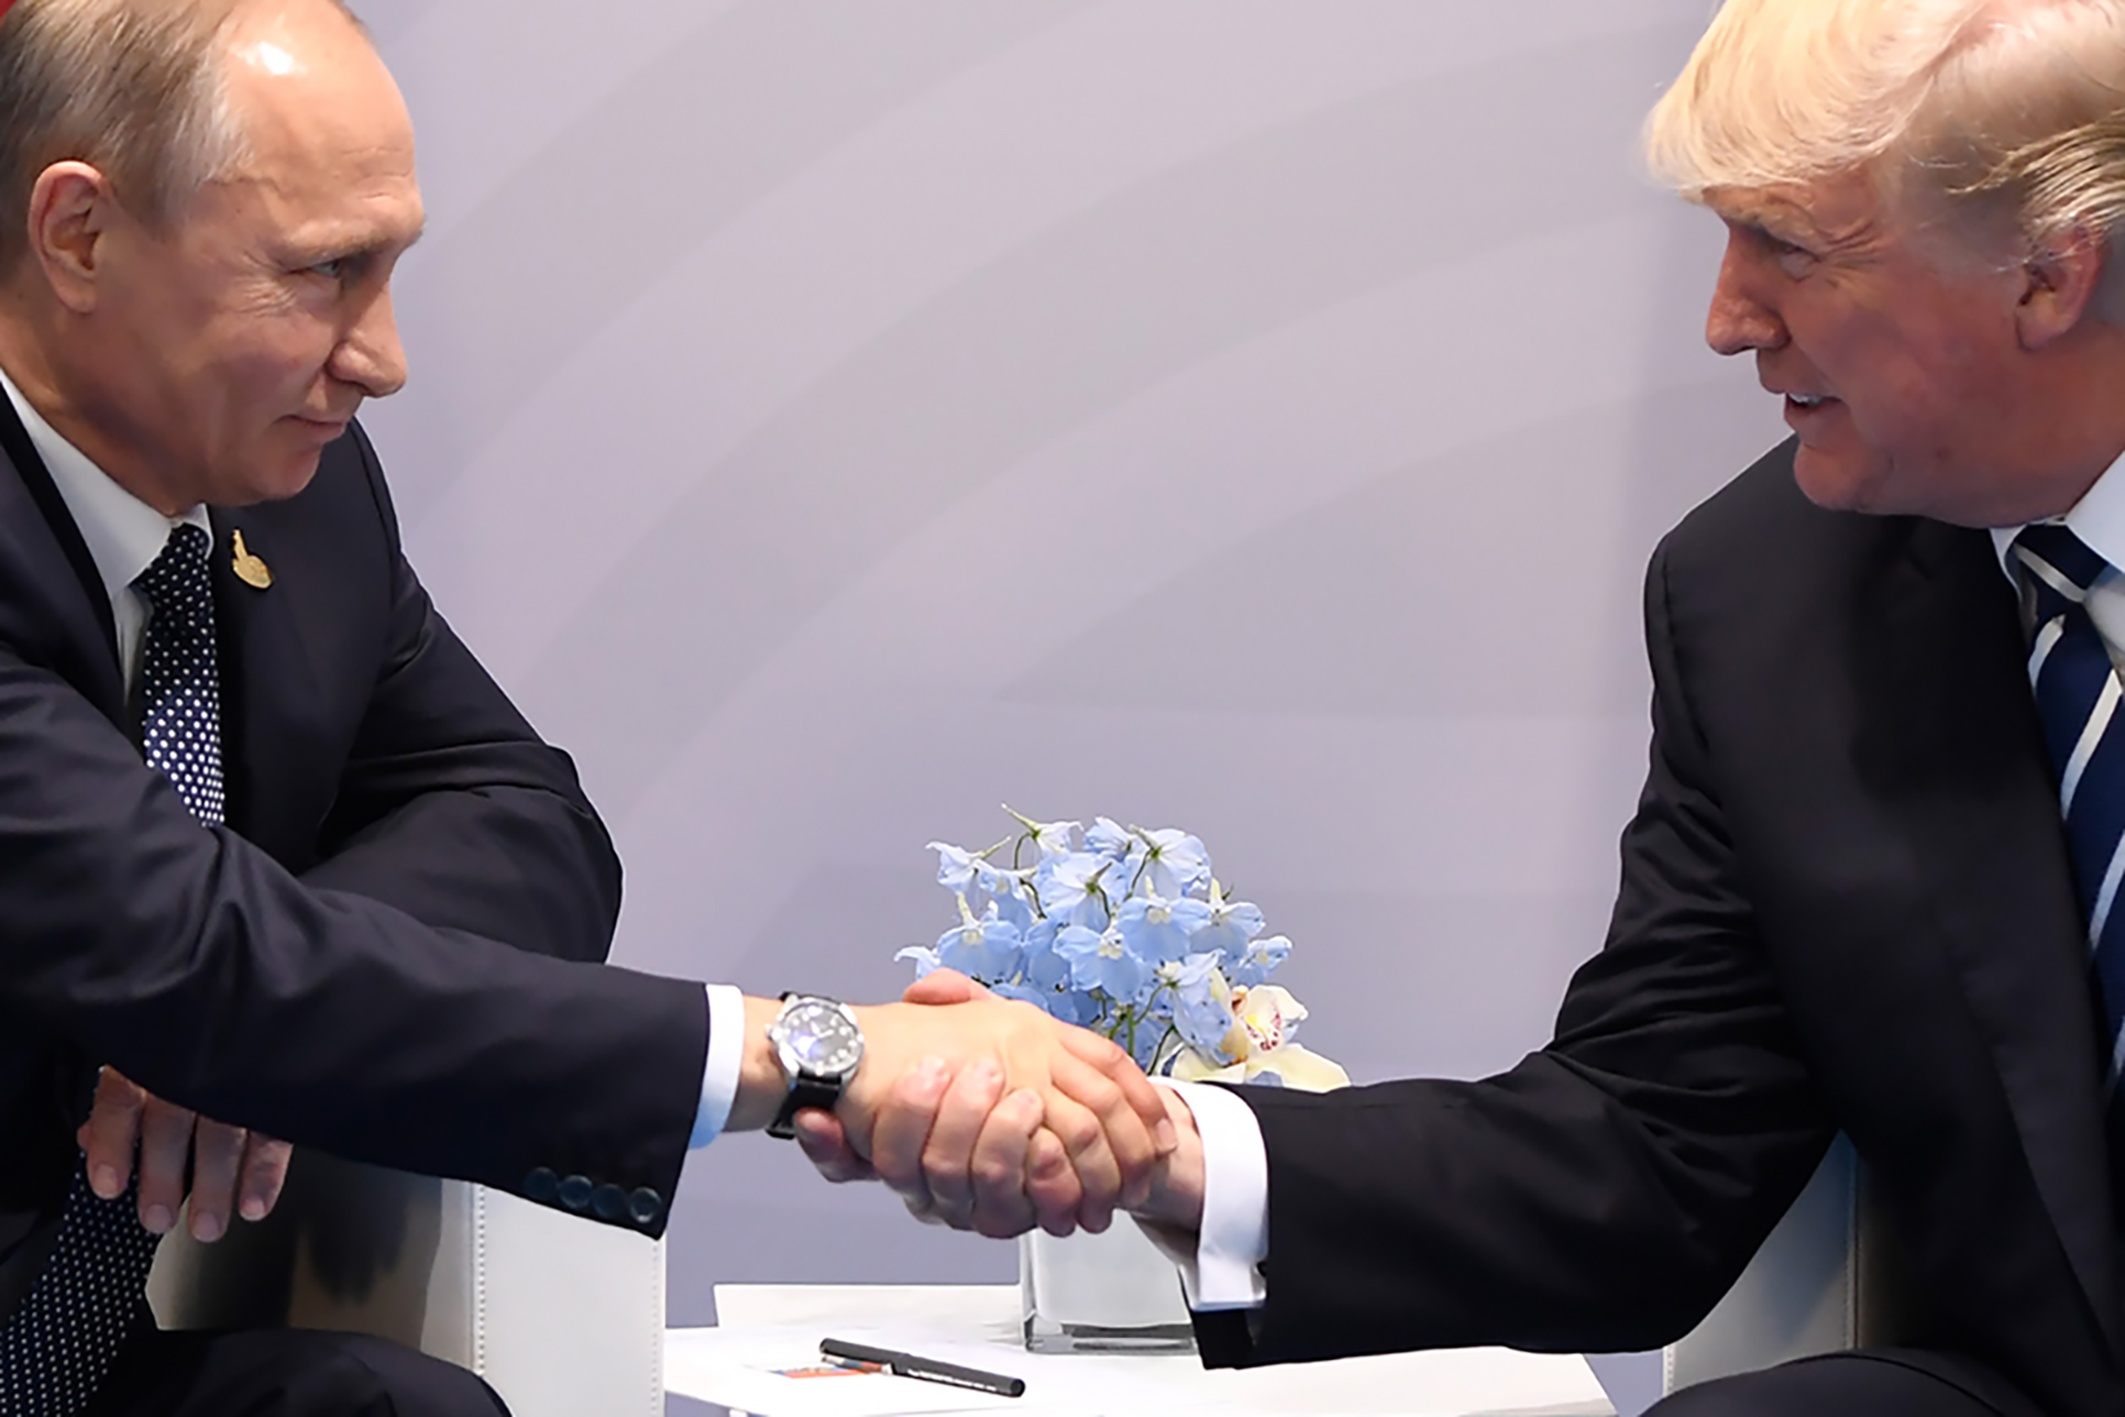 Kiderült: nem egyszer, hanem kétszer találkozott Trump Putyinnal Hamburgban